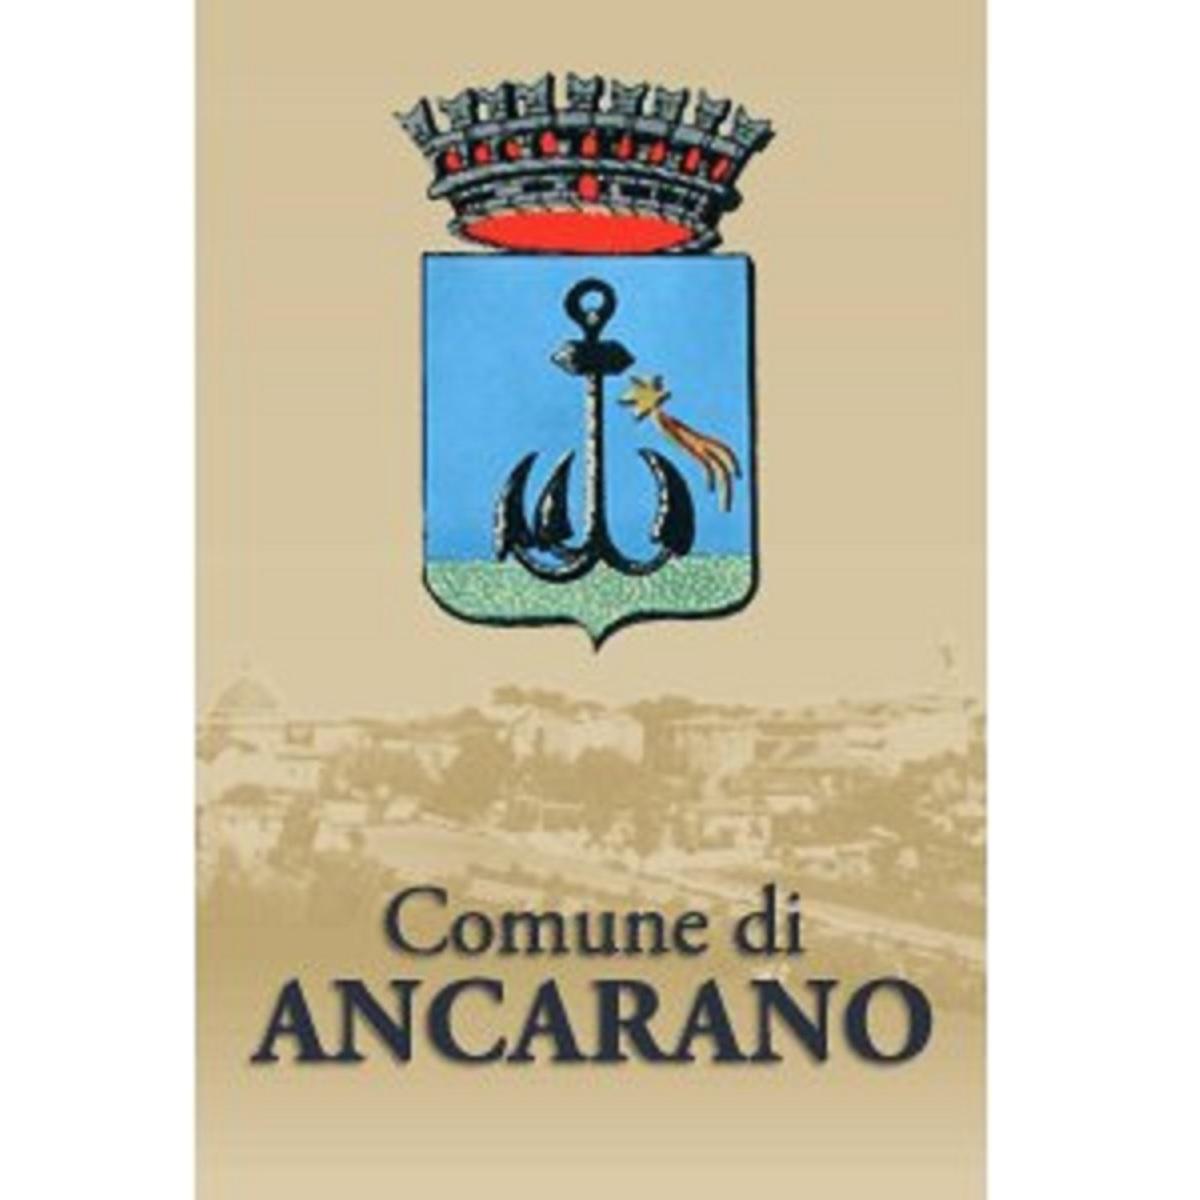 Avviso pubblico Ancarano 23 aprile 2020 per aziende Gal foto